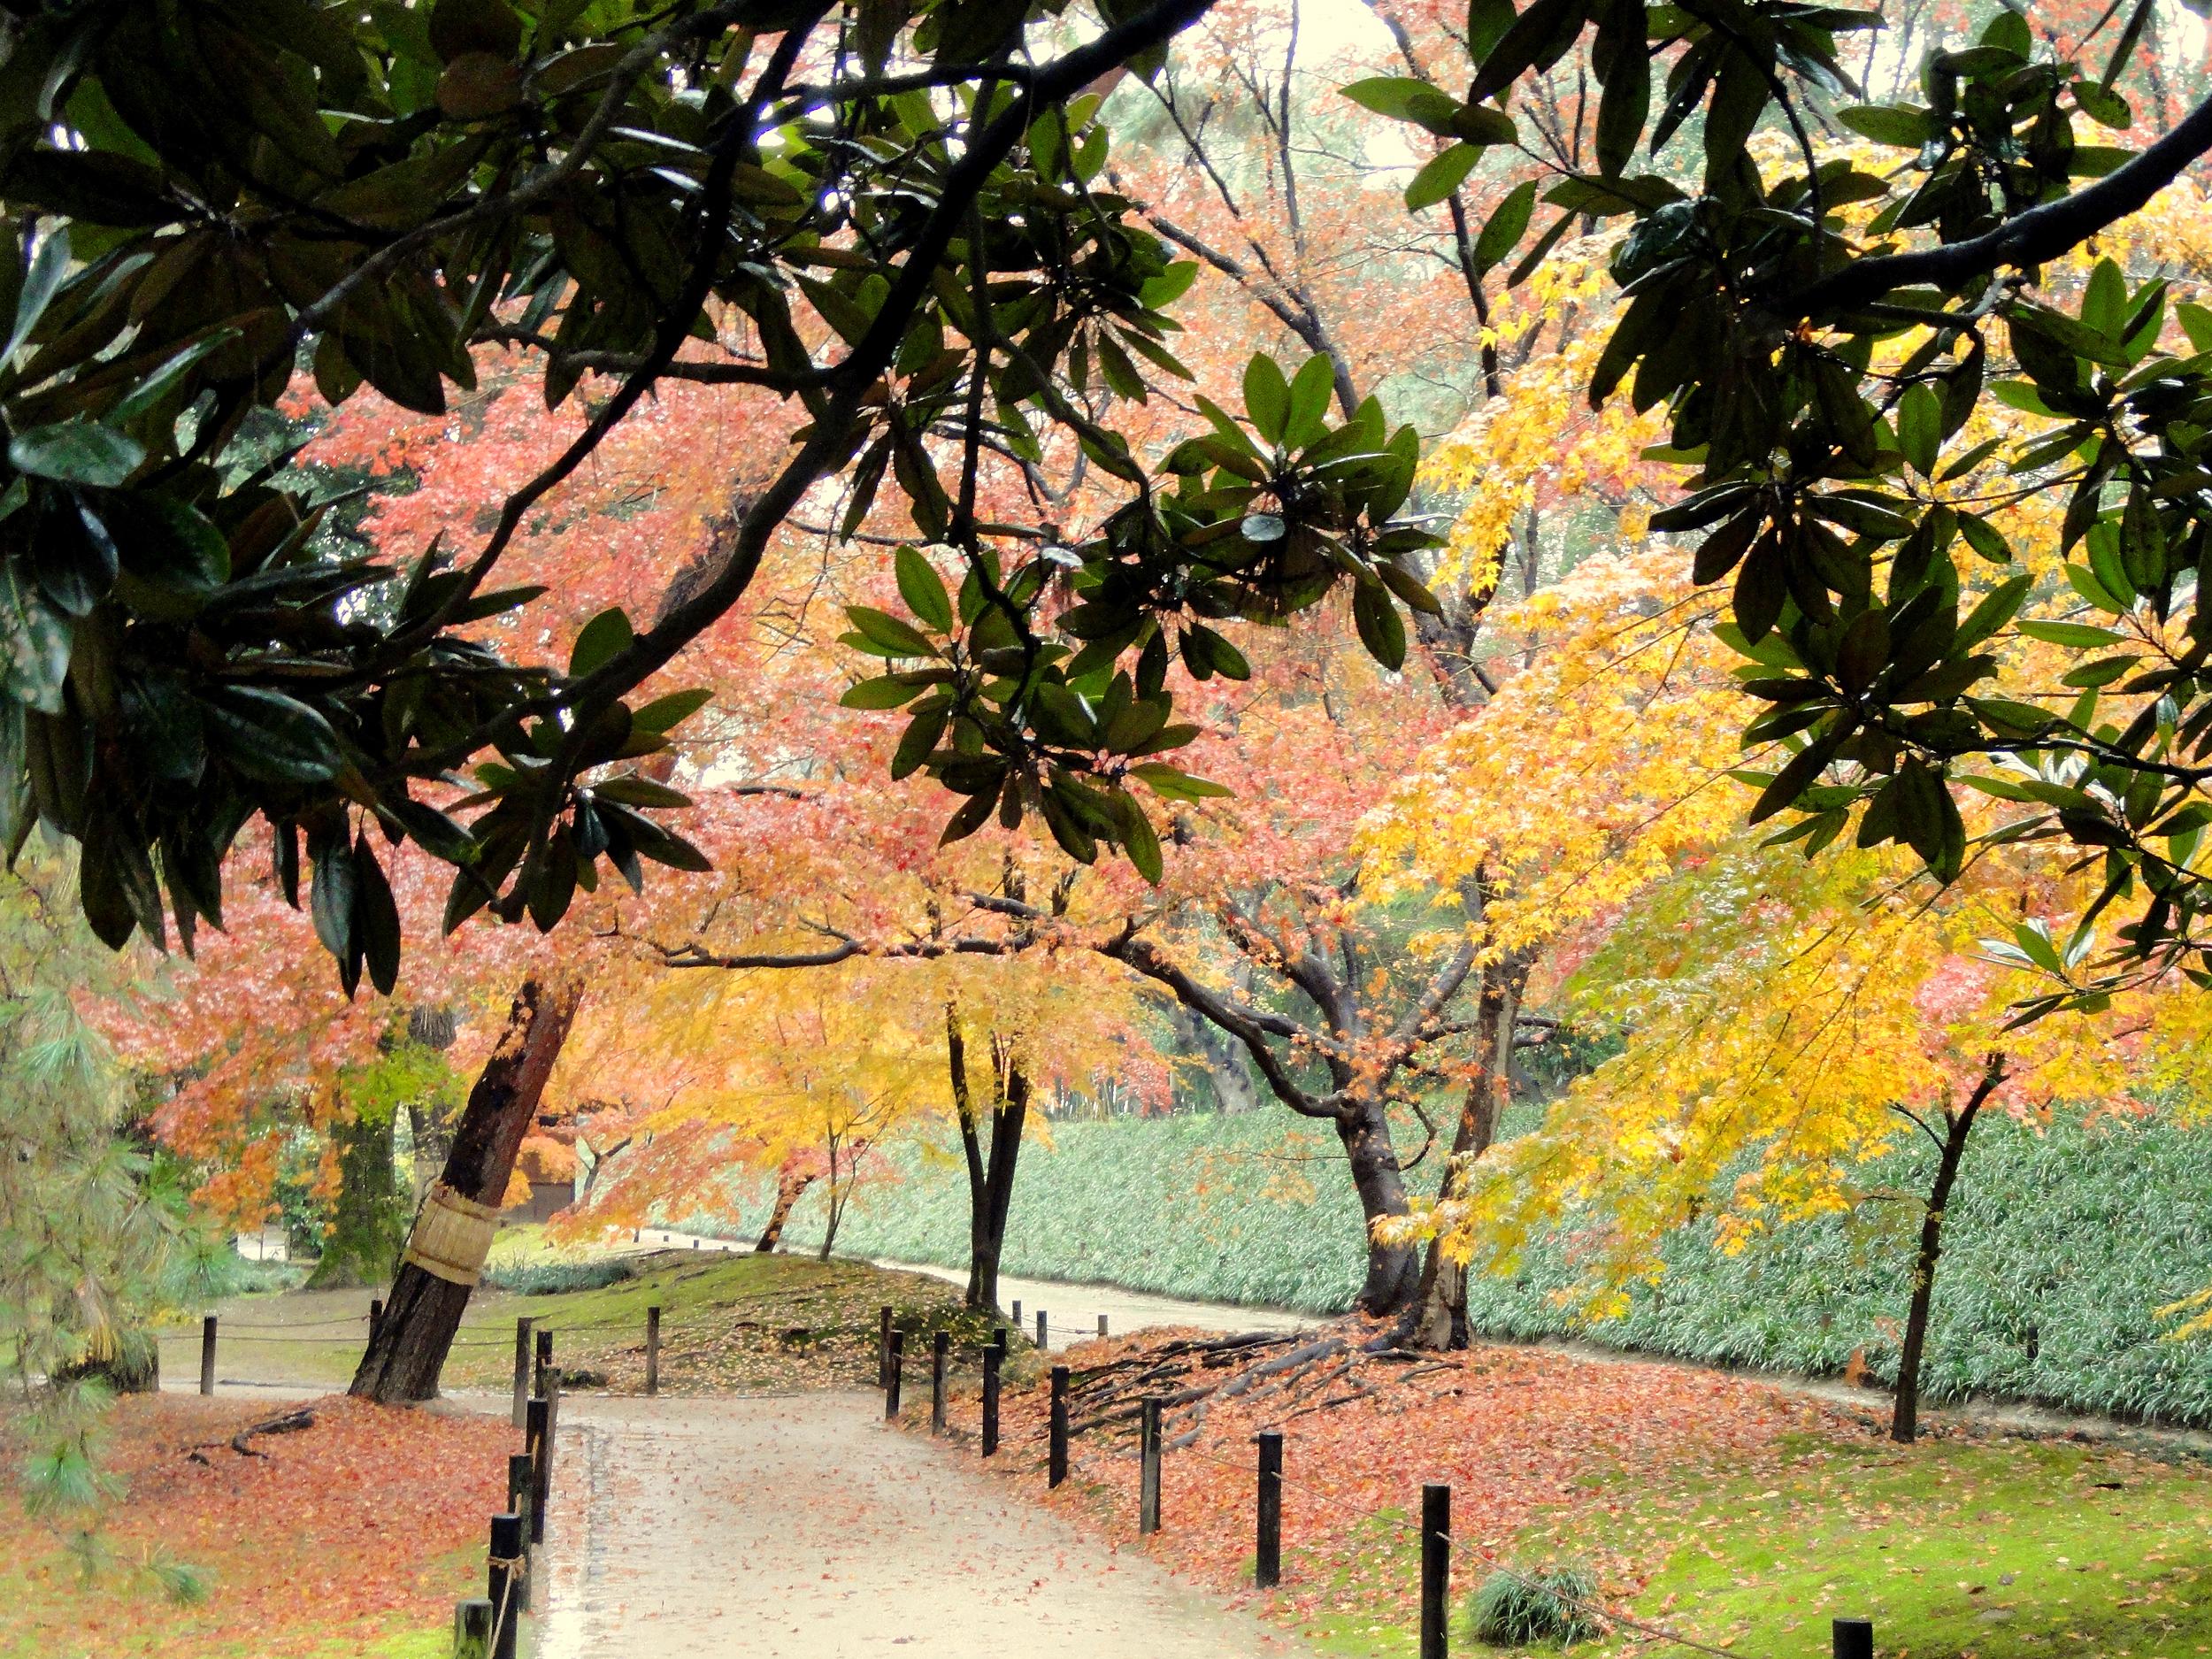 Parque Korakuen, na cidade de Okayama, no Japão, durante o mês de dezembro